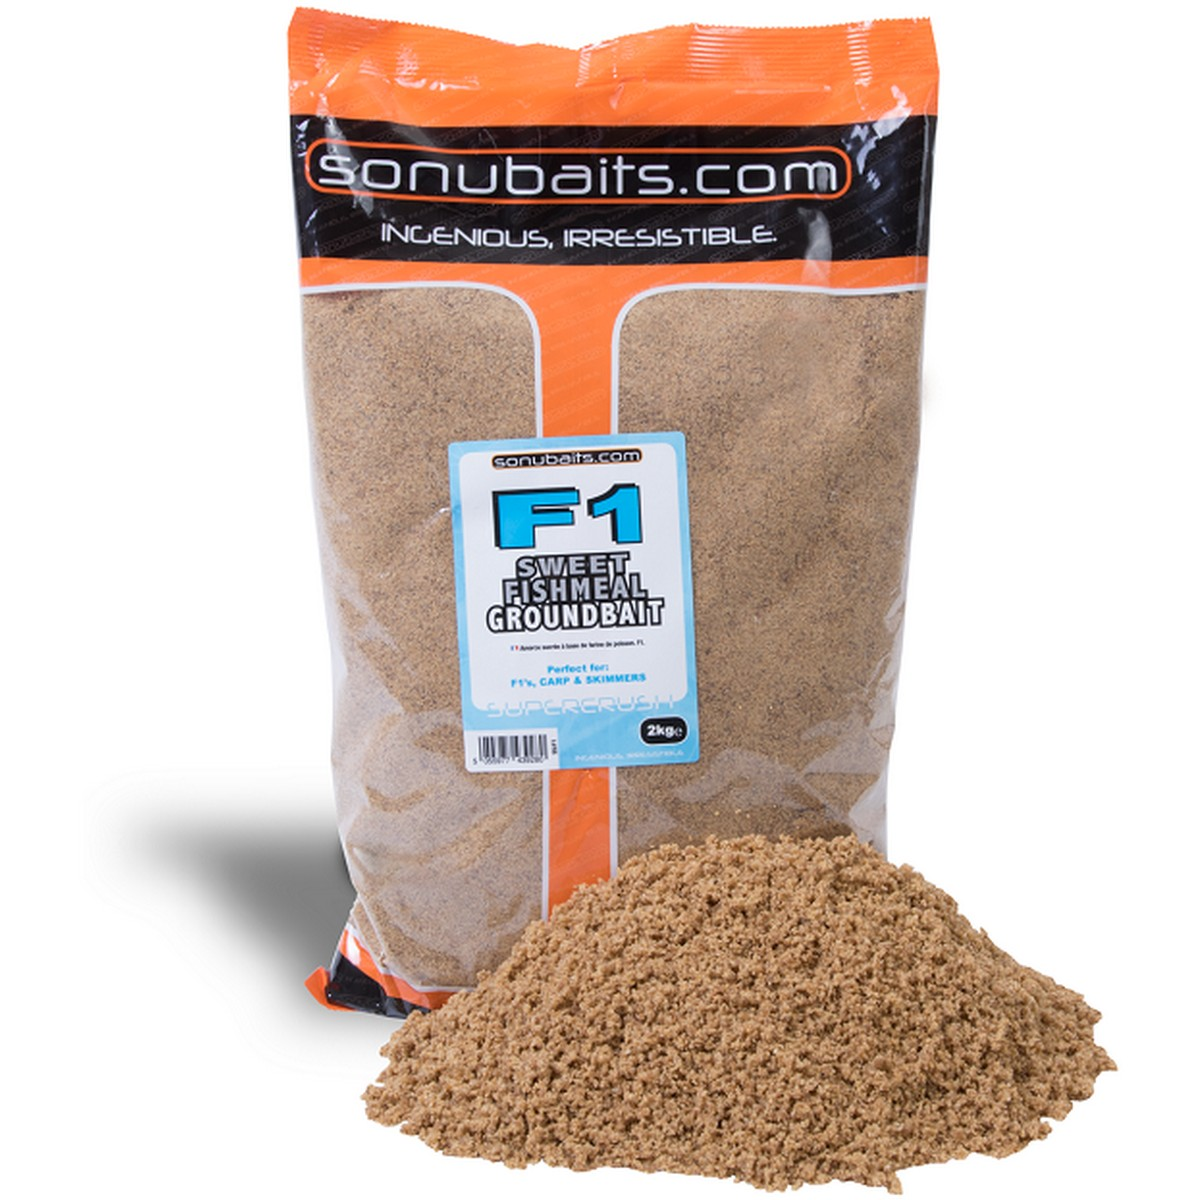 Sonubaits F1 Sweet Fishmeal Groundbait